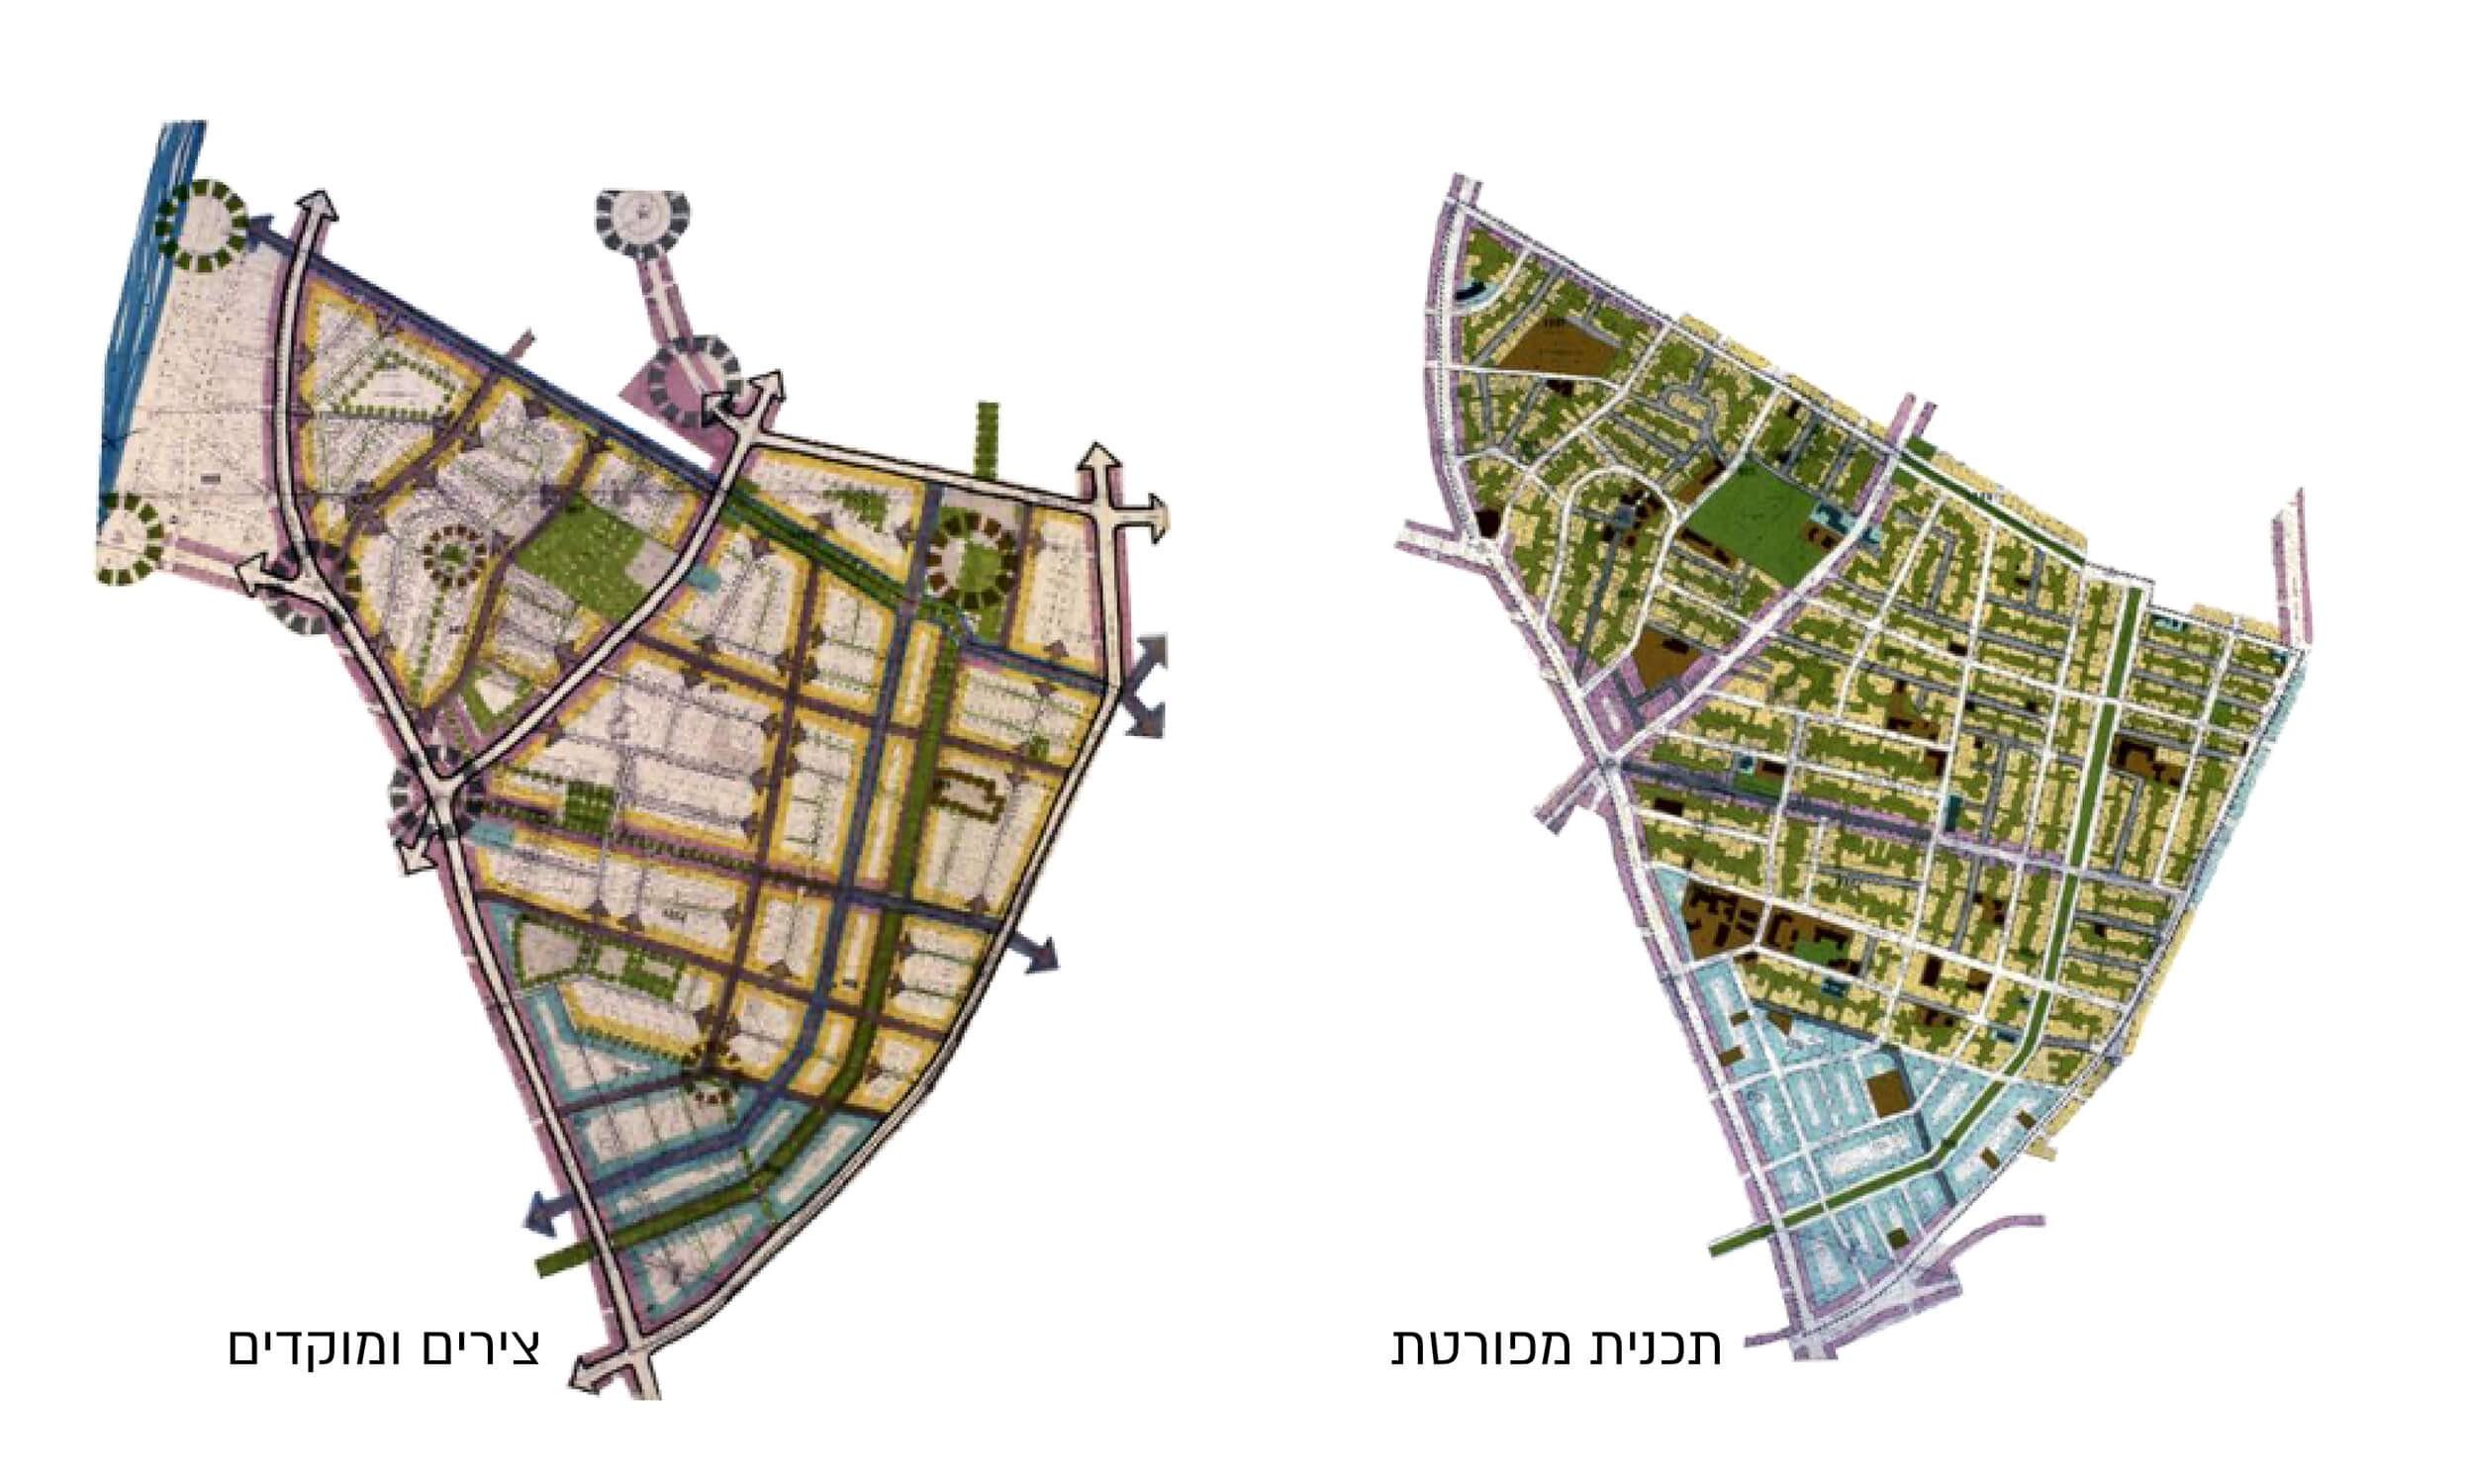 לב תל אביב, התחדשות עירונית